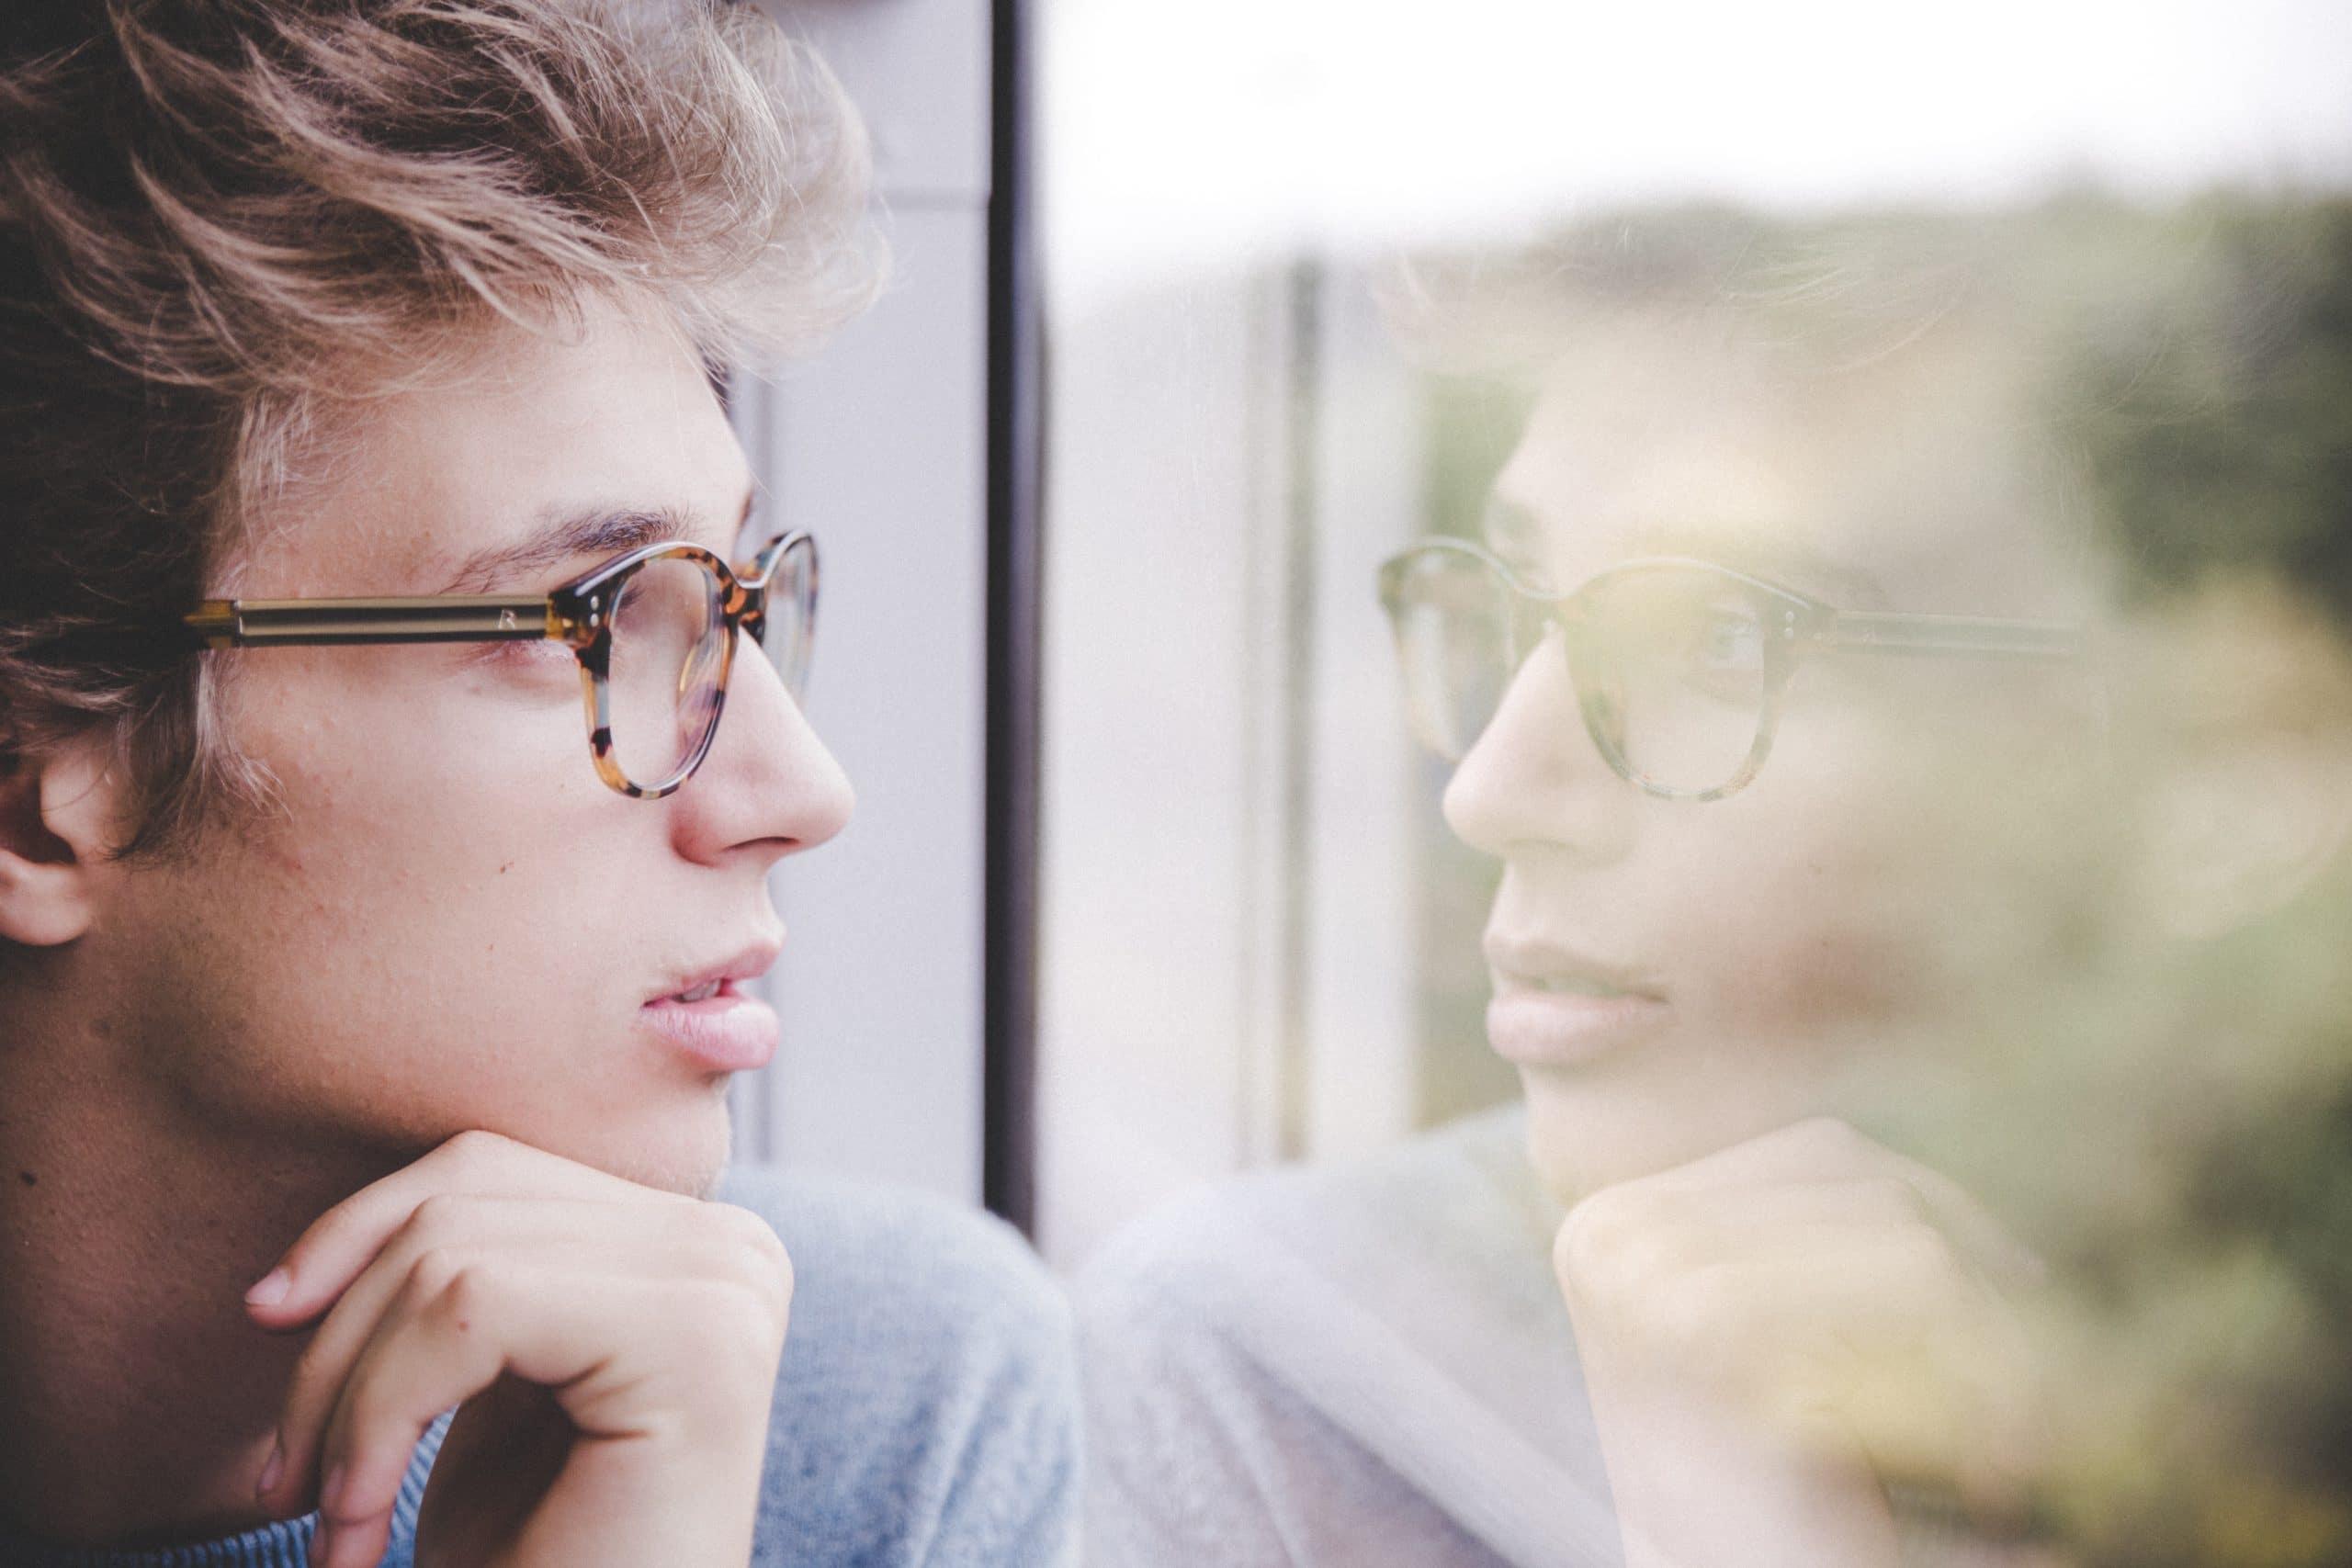 Garoto de cabelo castanho claro e óculos preto encarando seu reflexo em uma janela.